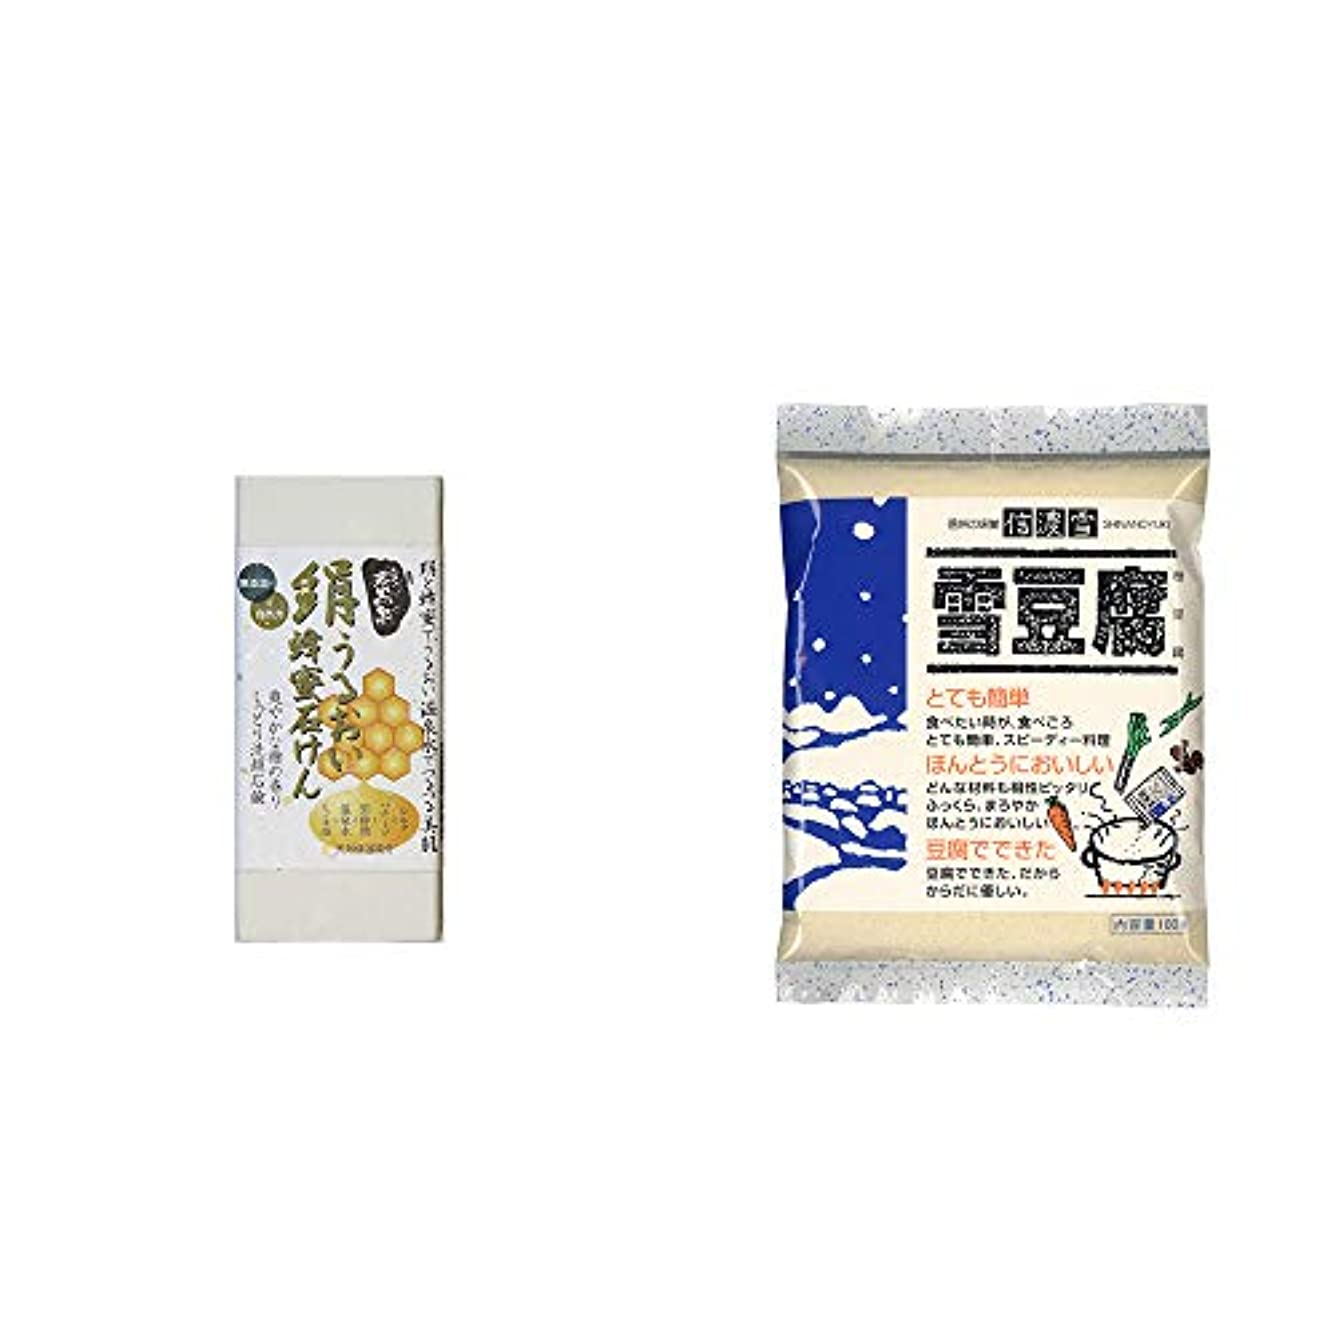 南極解釈印象派[2点セット] ひのき炭黒泉 絹うるおい蜂蜜石けん(75g×2)?信濃雪 雪豆腐(粉豆腐)(100g)